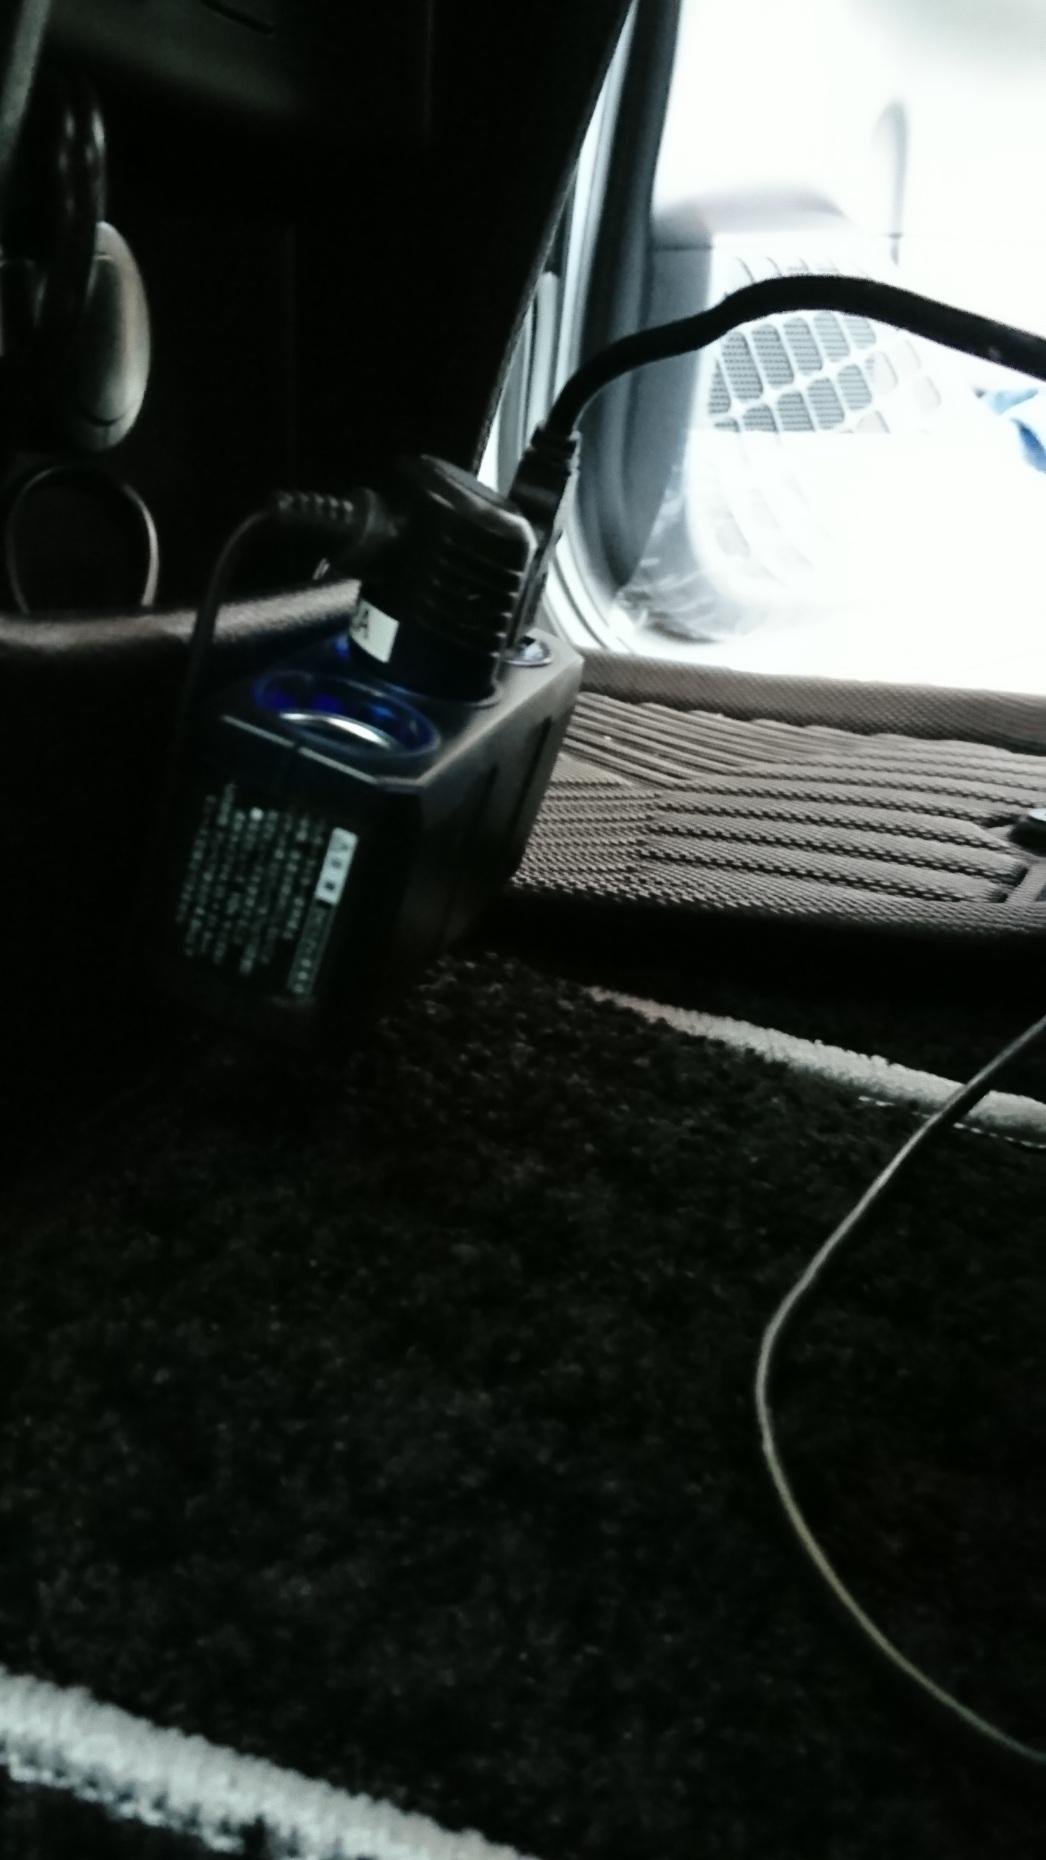 YAC PZ-610 リングライトソケット ツイン+USB2